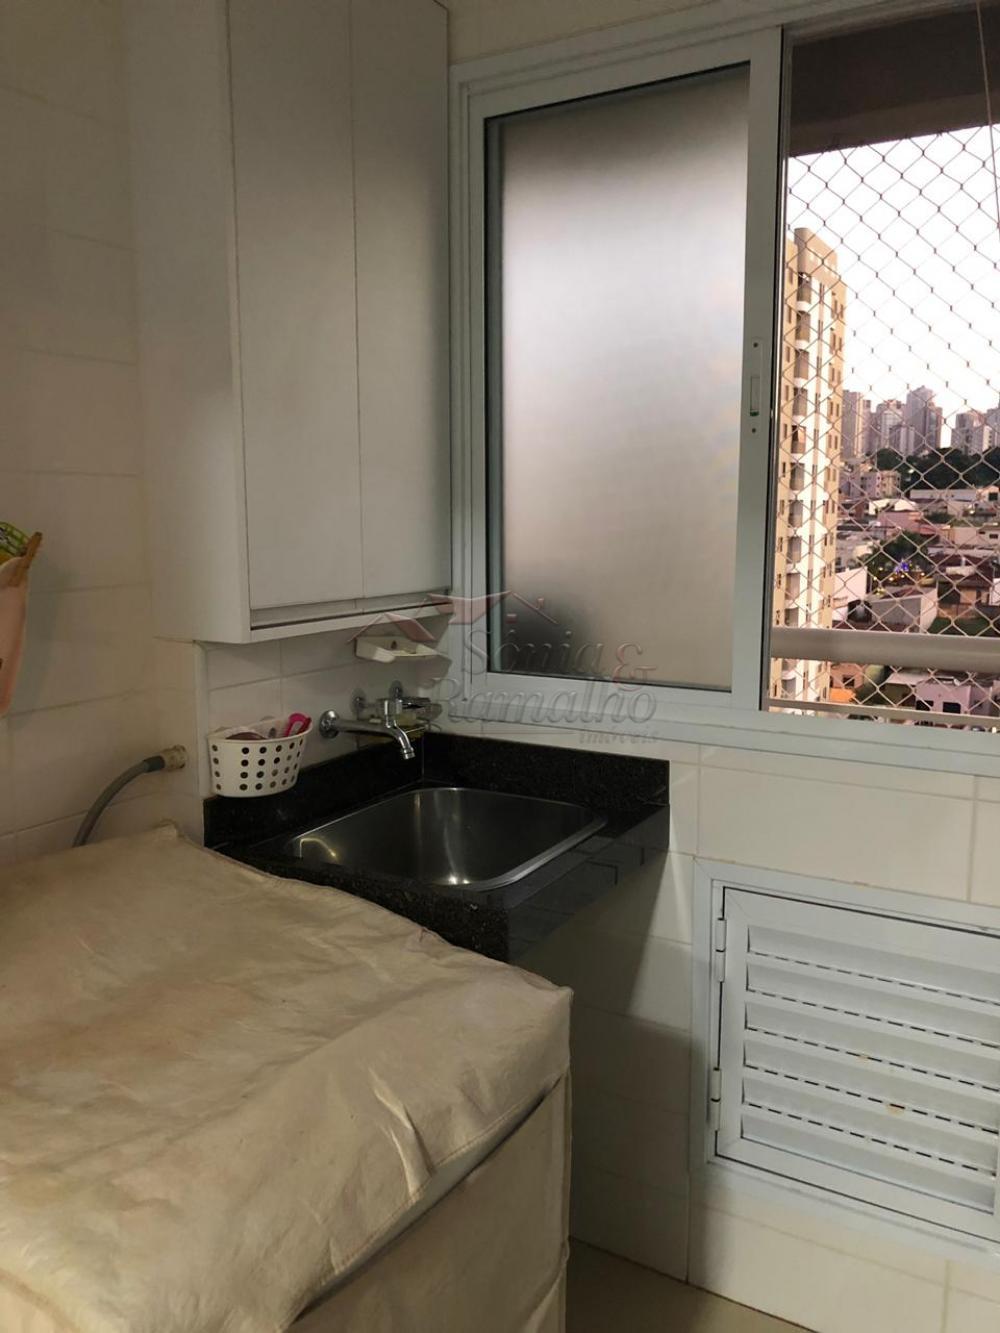 Comprar Apartamentos / Padrão em Ribeirão Preto apenas R$ 615.000,00 - Foto 9